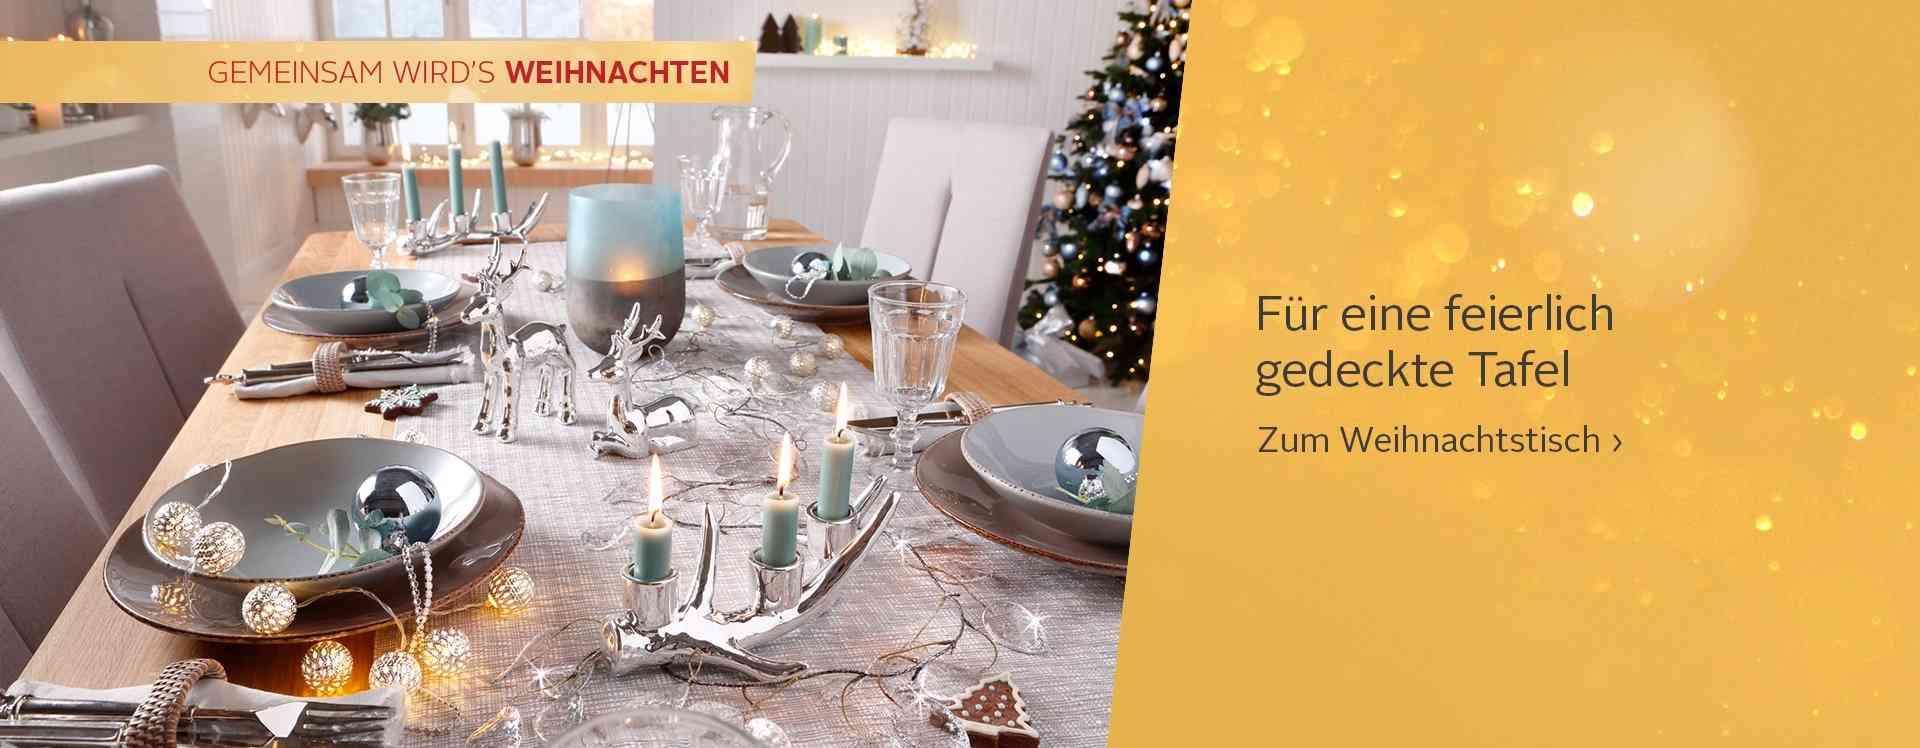 Weihnachtsdeko kaufen weihnachtsdekoration 2018 otto for Weihnachtsdekoration 2017